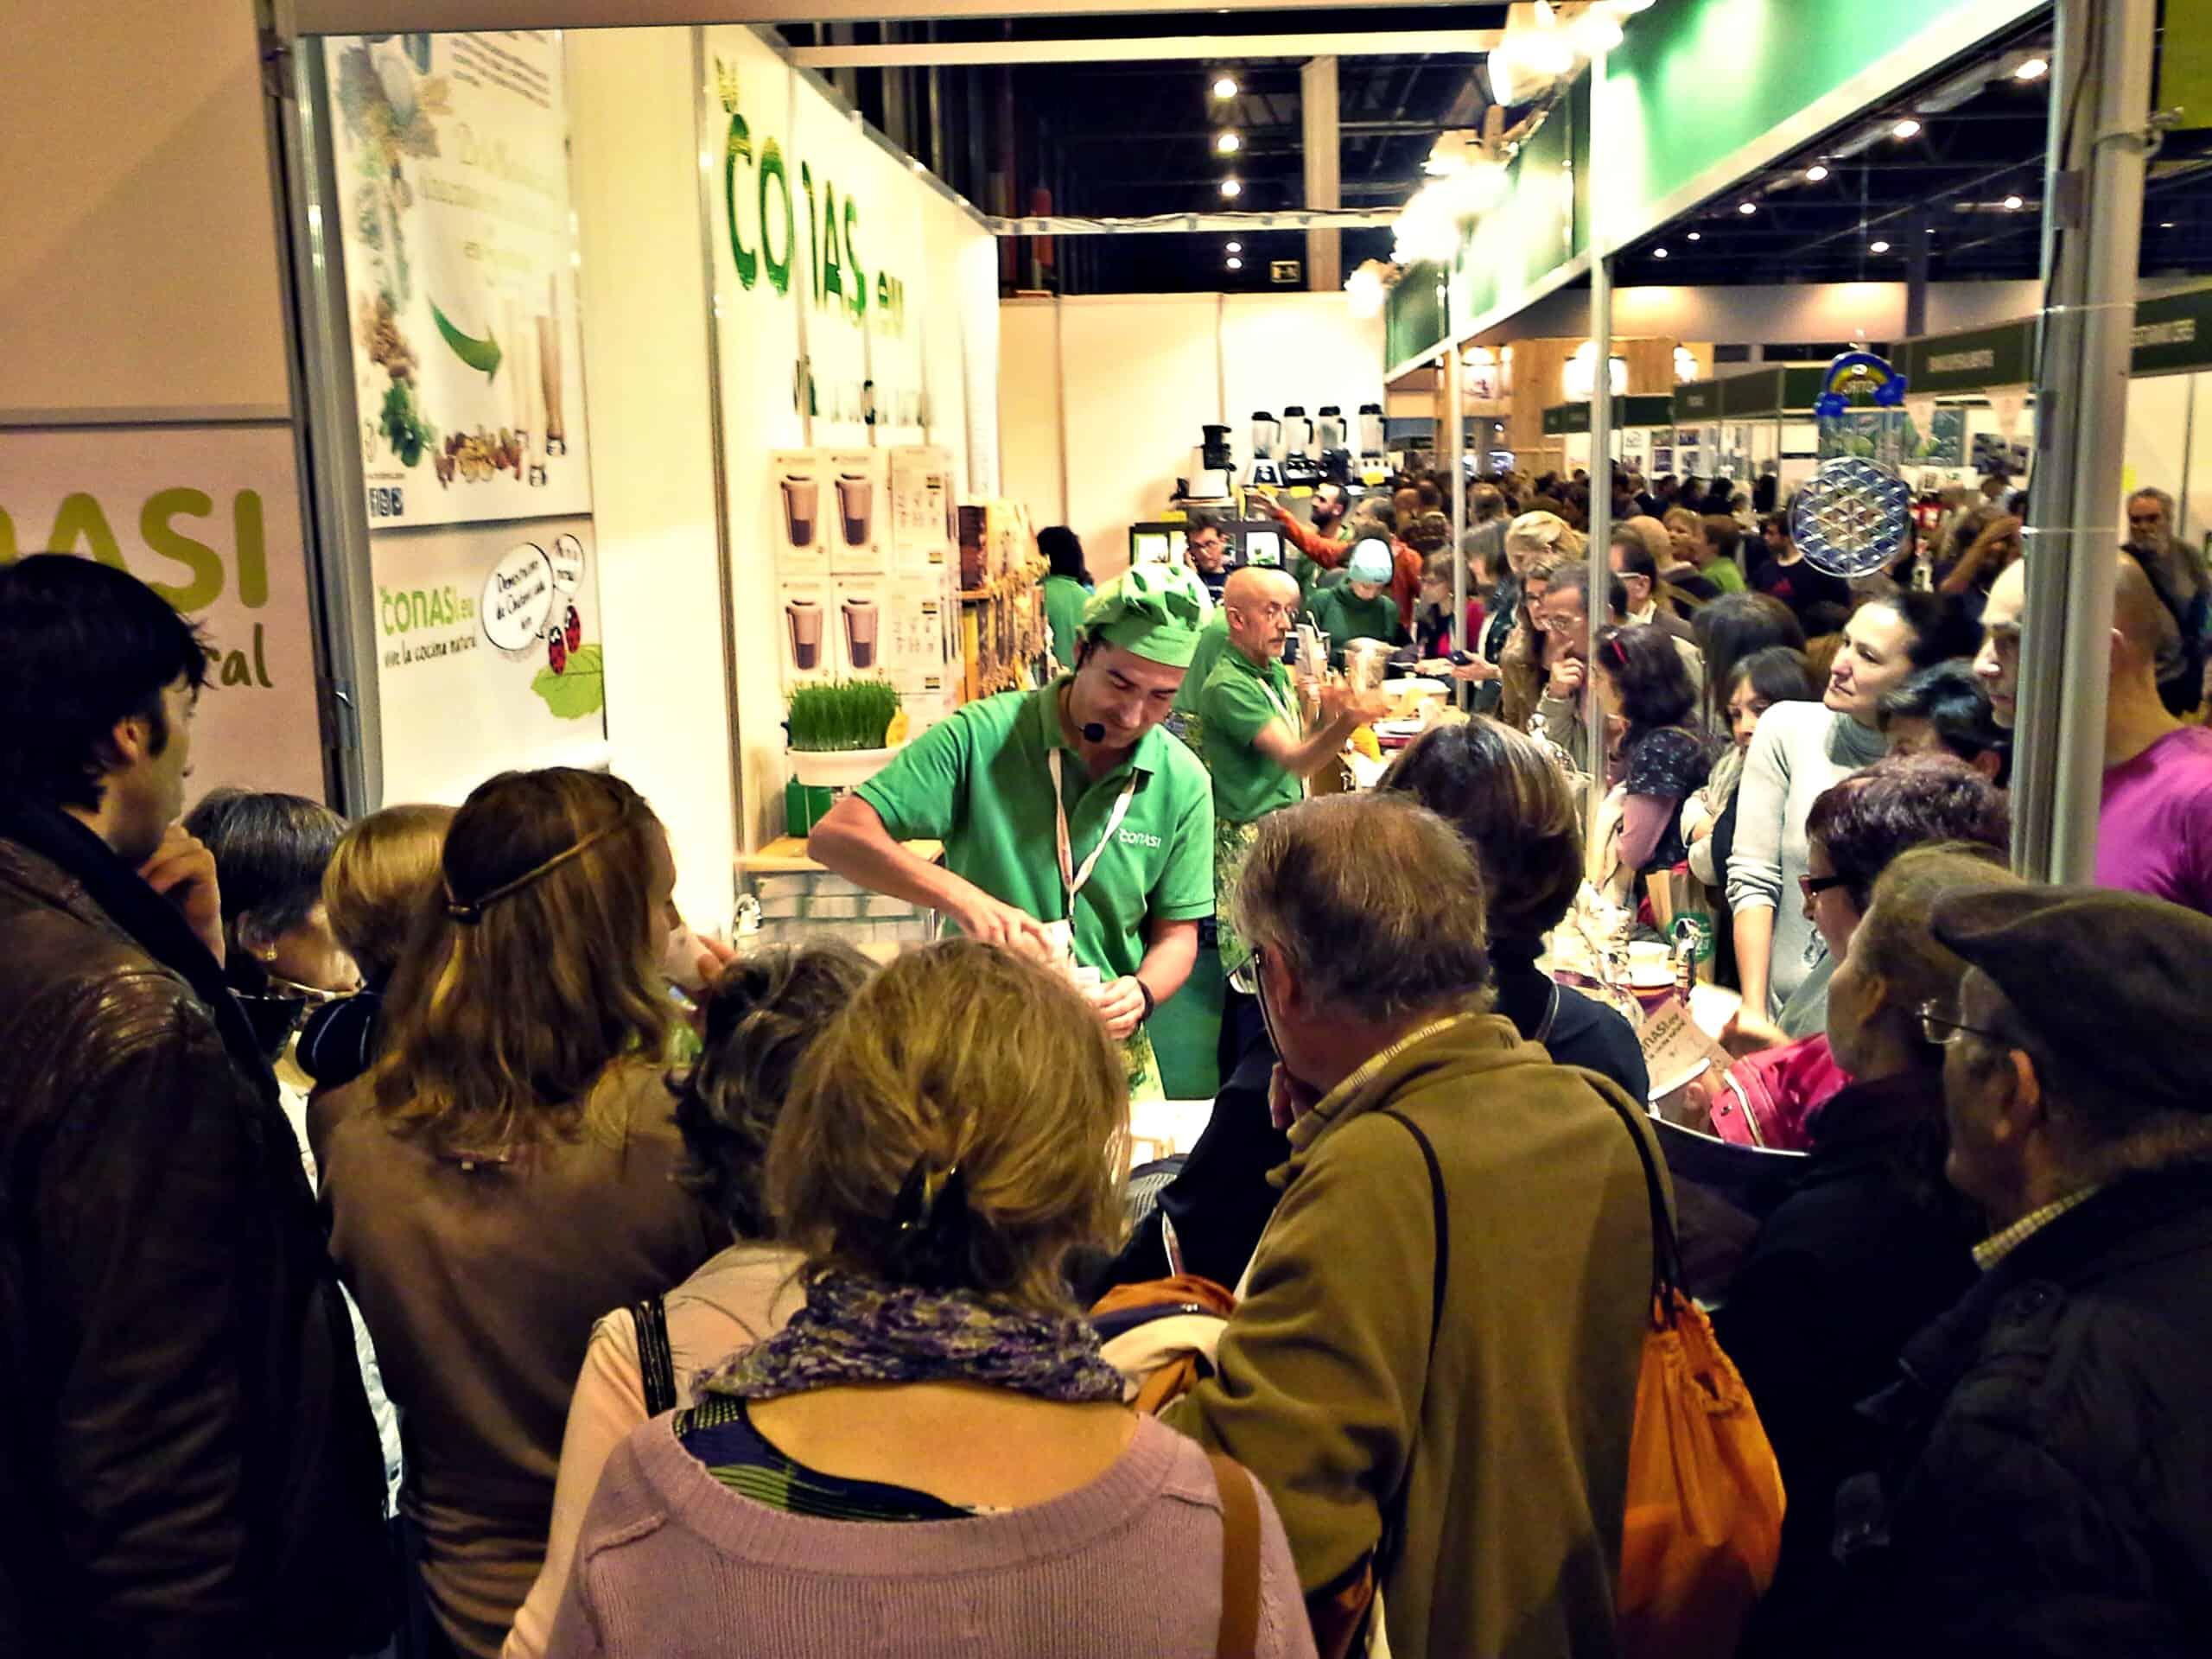 Ambiente en Biocultura. El stand y la feria ¡llenos! Biocultura Madrid ha sido todo un éxito